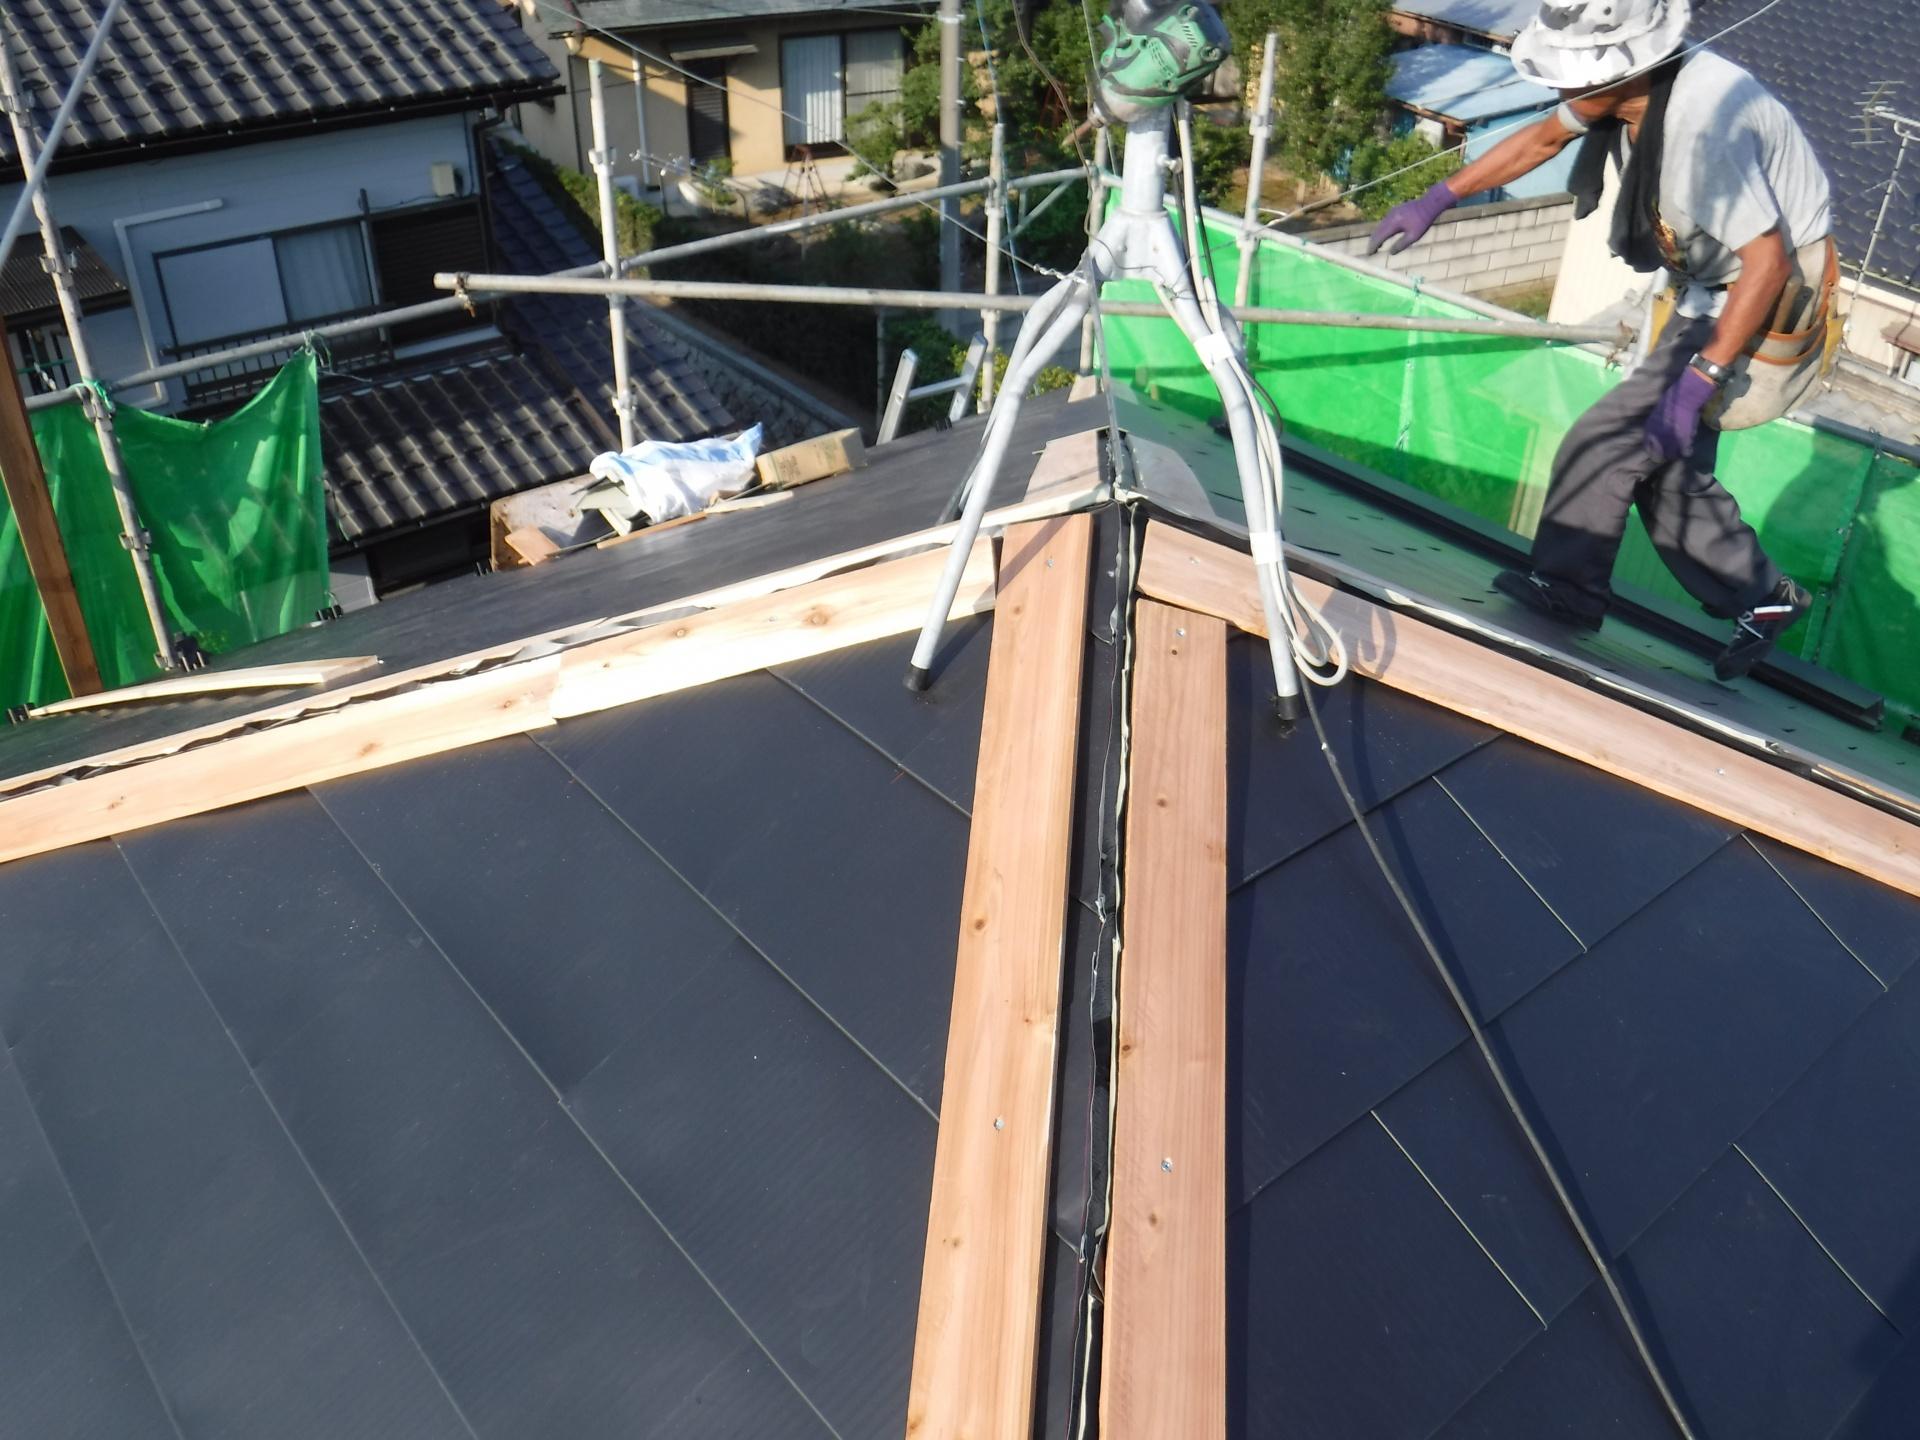 下地ができたので、金属屋根を施工、新しい棟も取り付けます